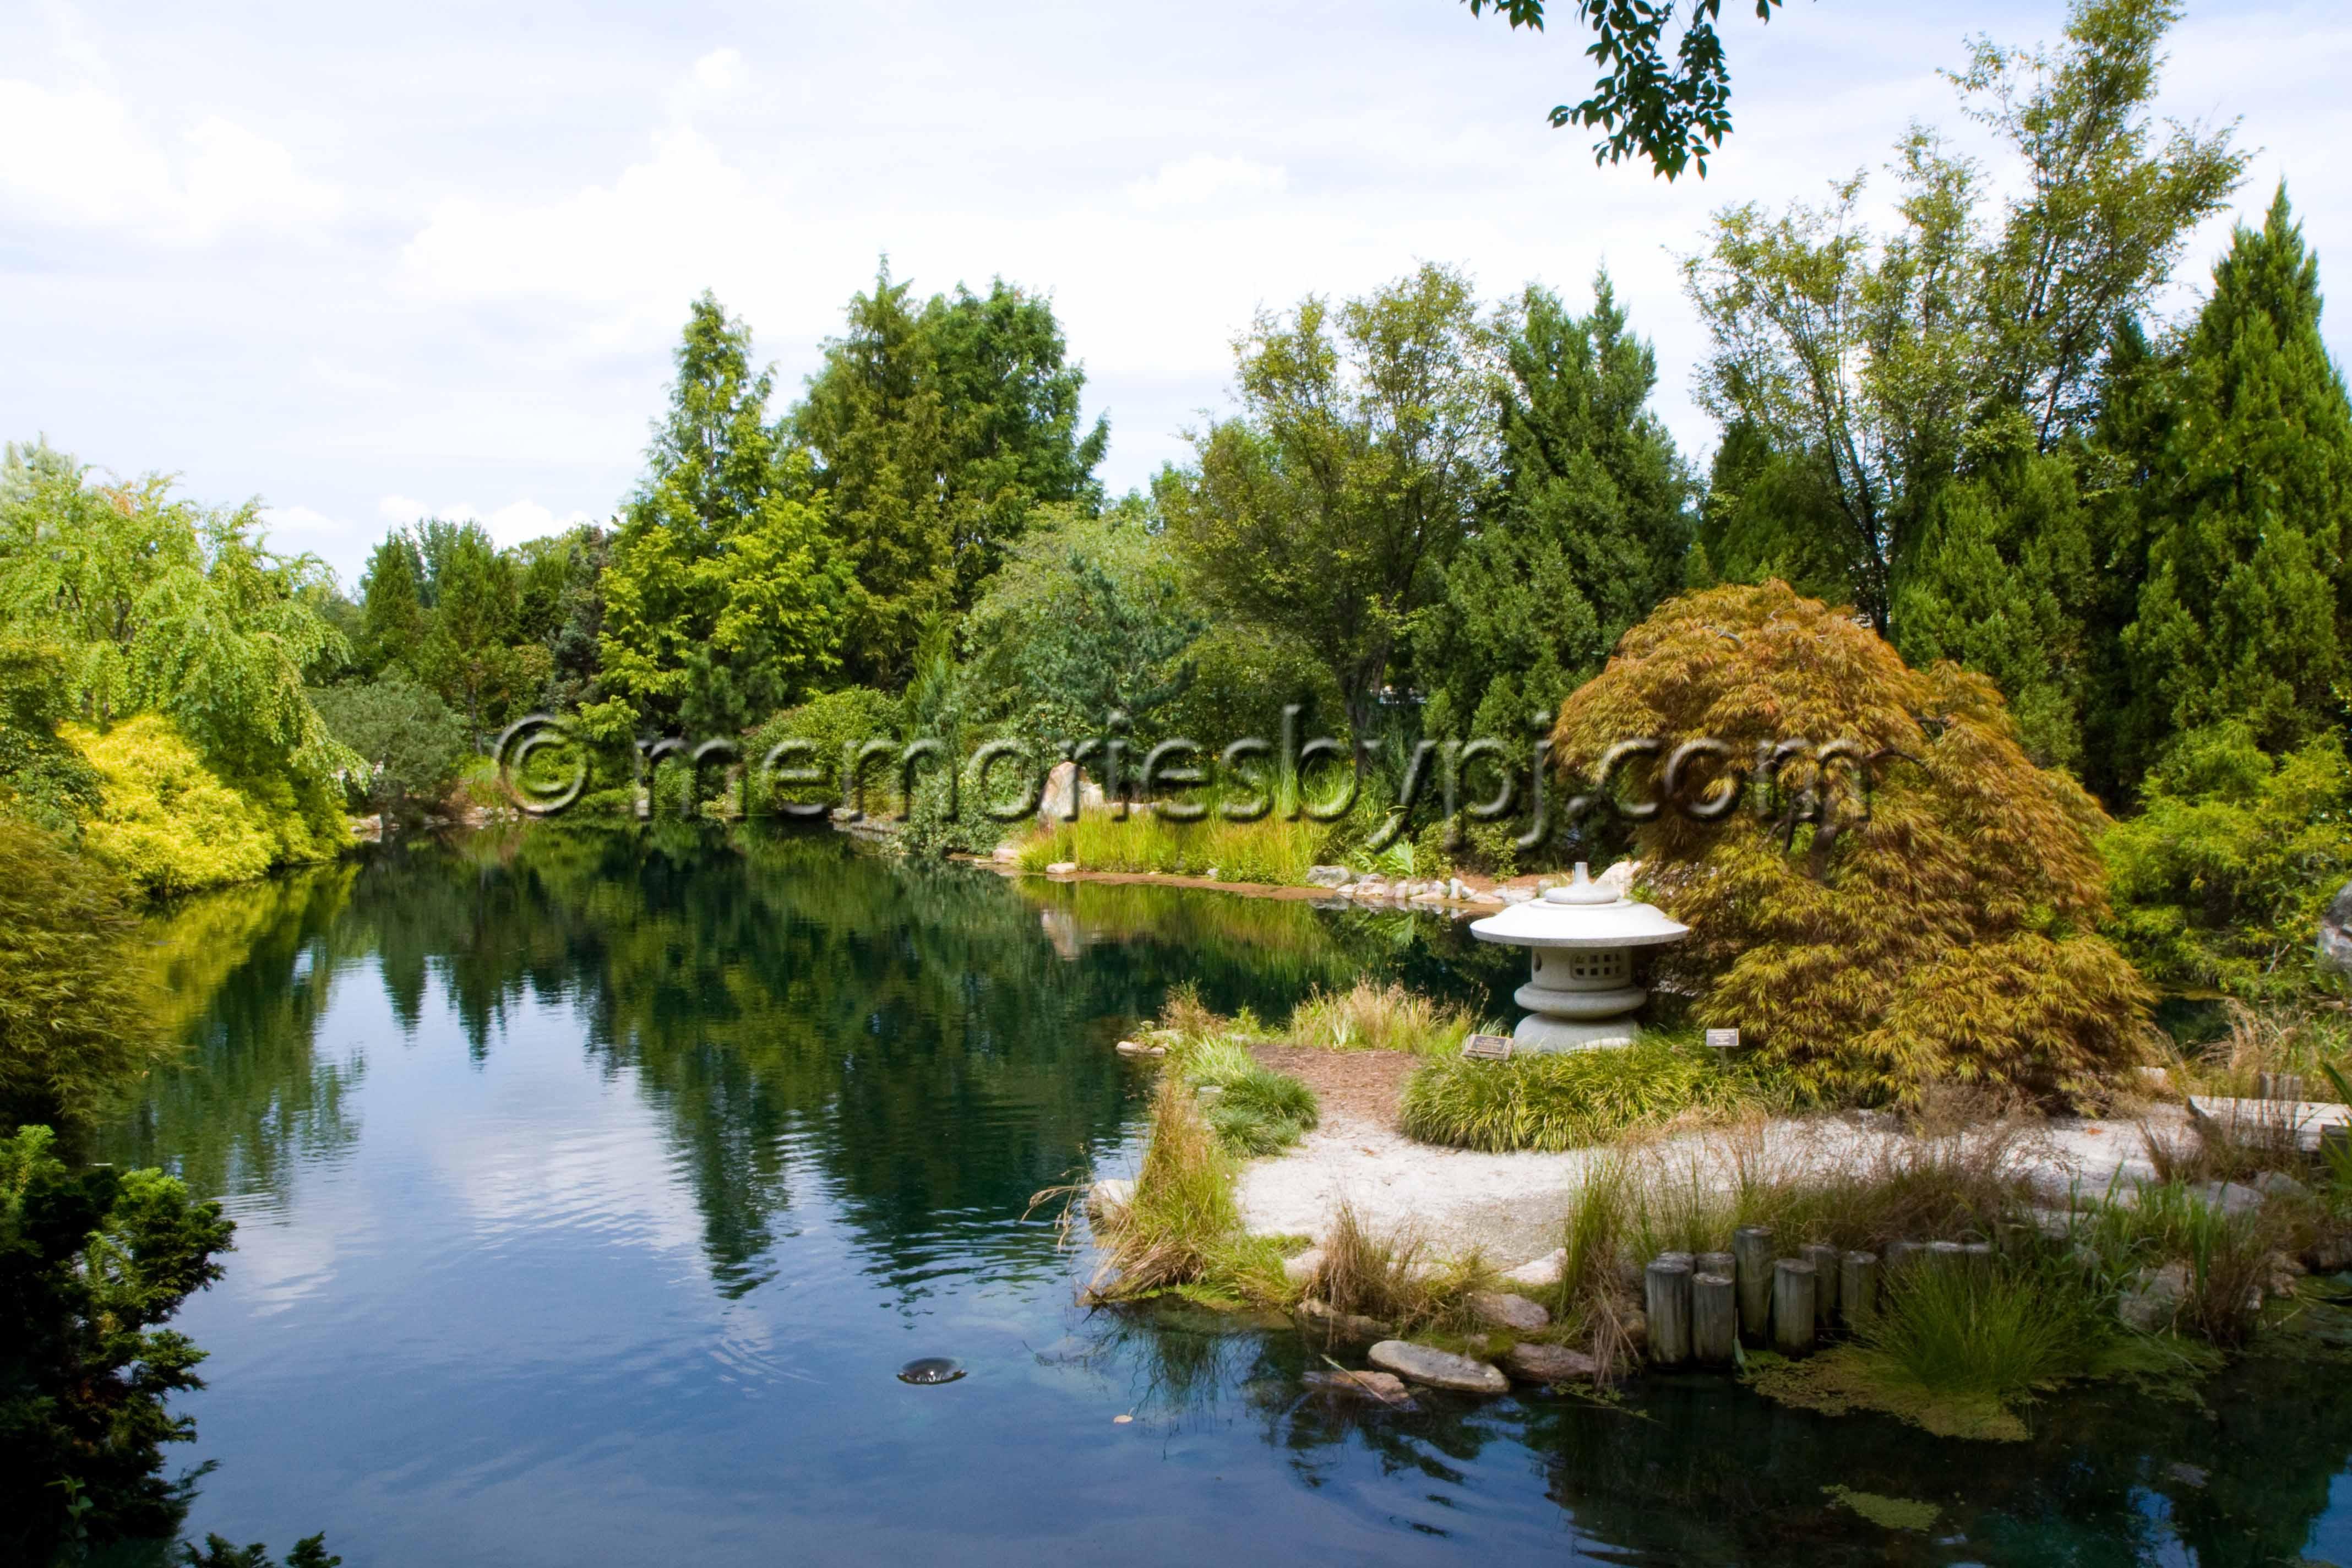 Lewis ginter gardens pj schlobohm Lewis ginter botanical gardens